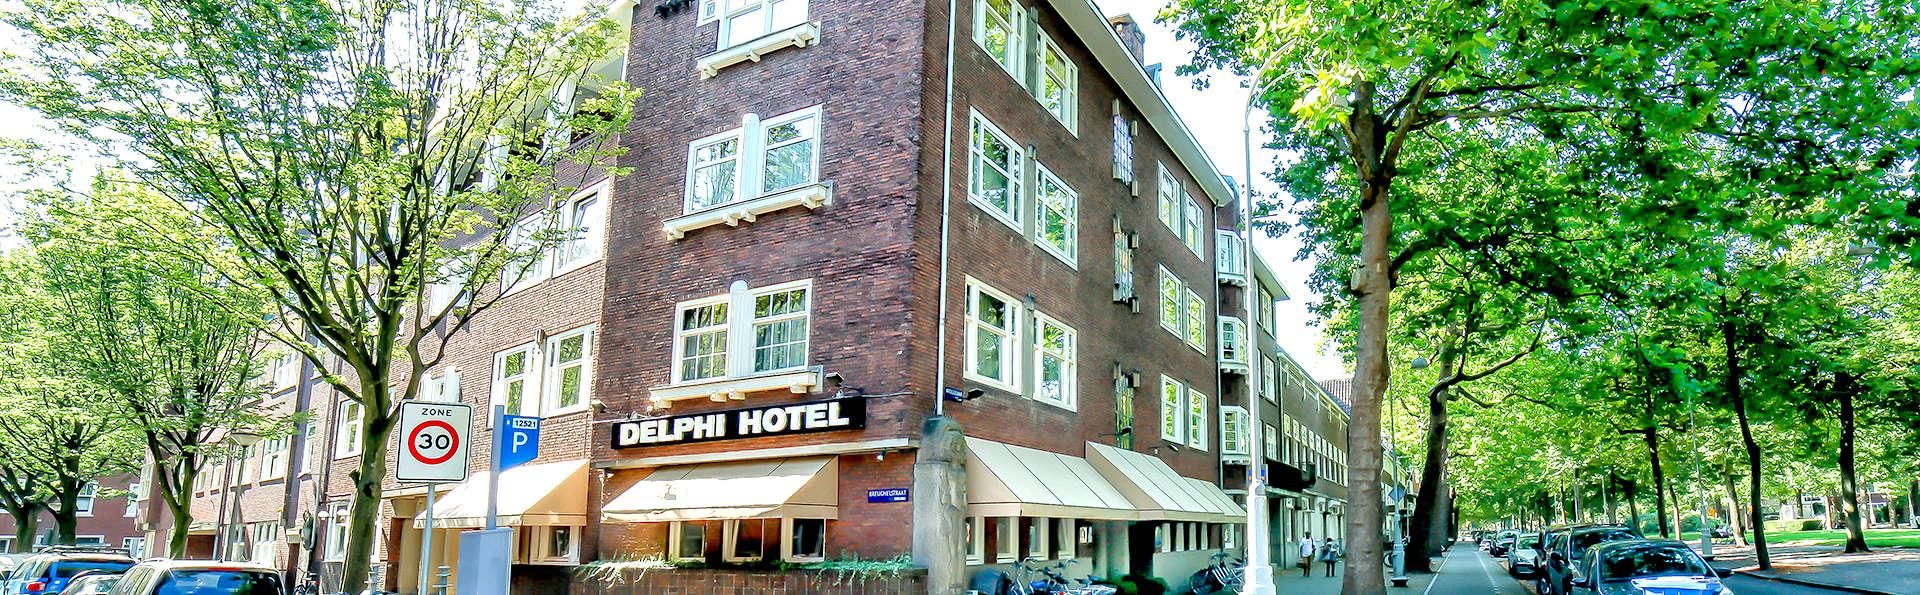 Best Western Delphi Hotel - Edit_front2.jpg